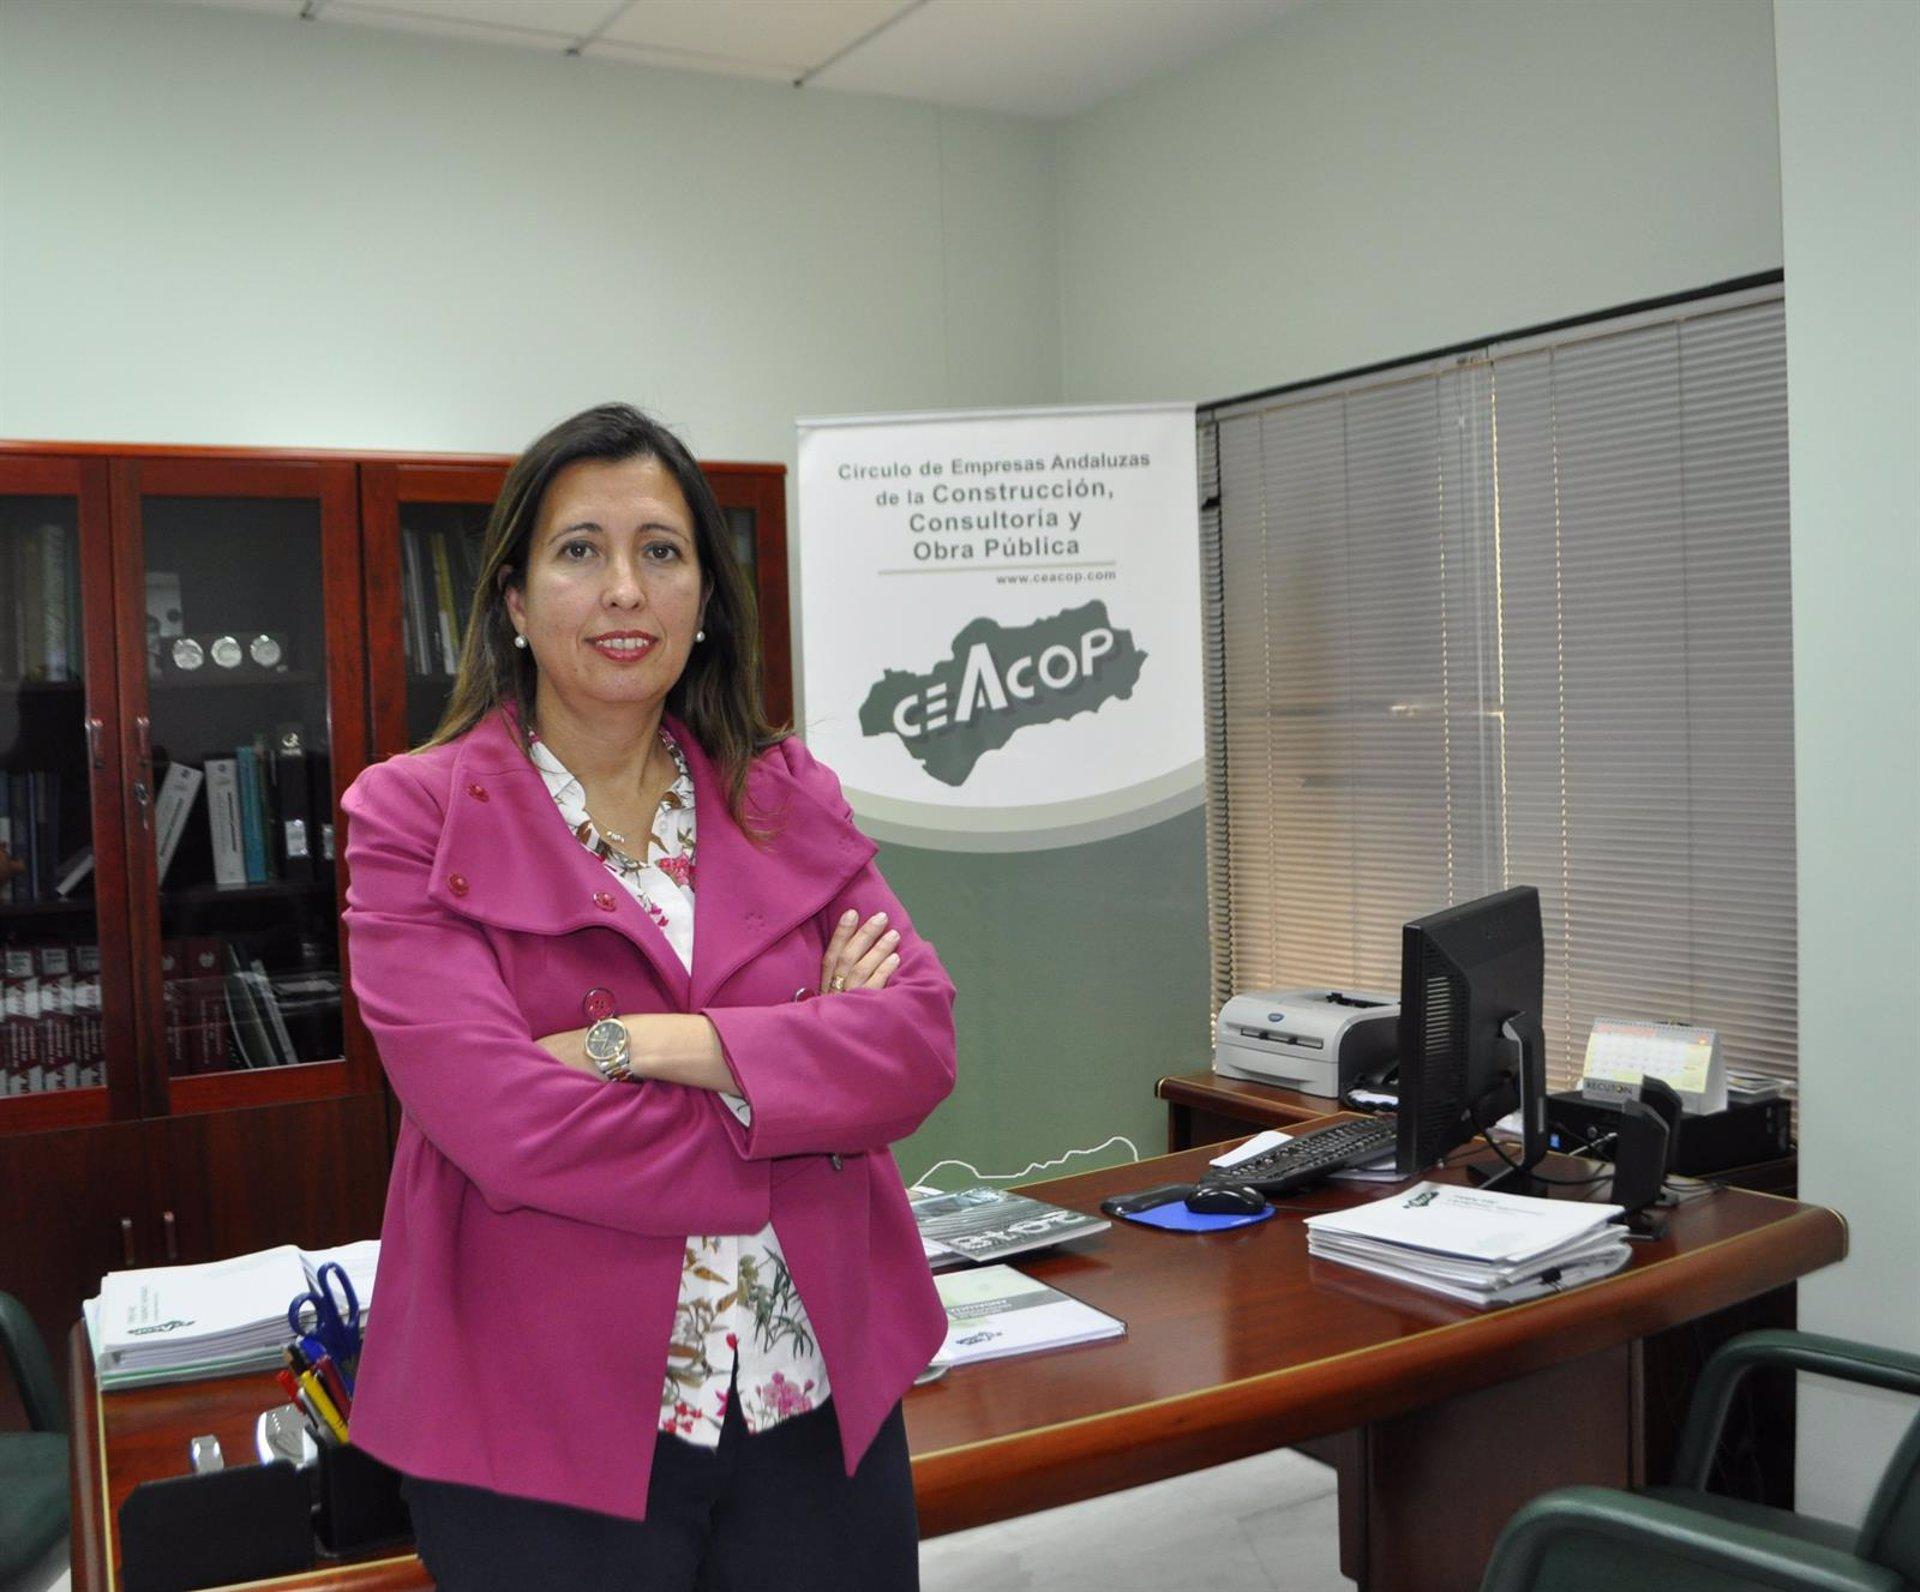 Las constructoras Ceacop insisten en la inversión en obra pública como motor de la reactivación económica en la provincia